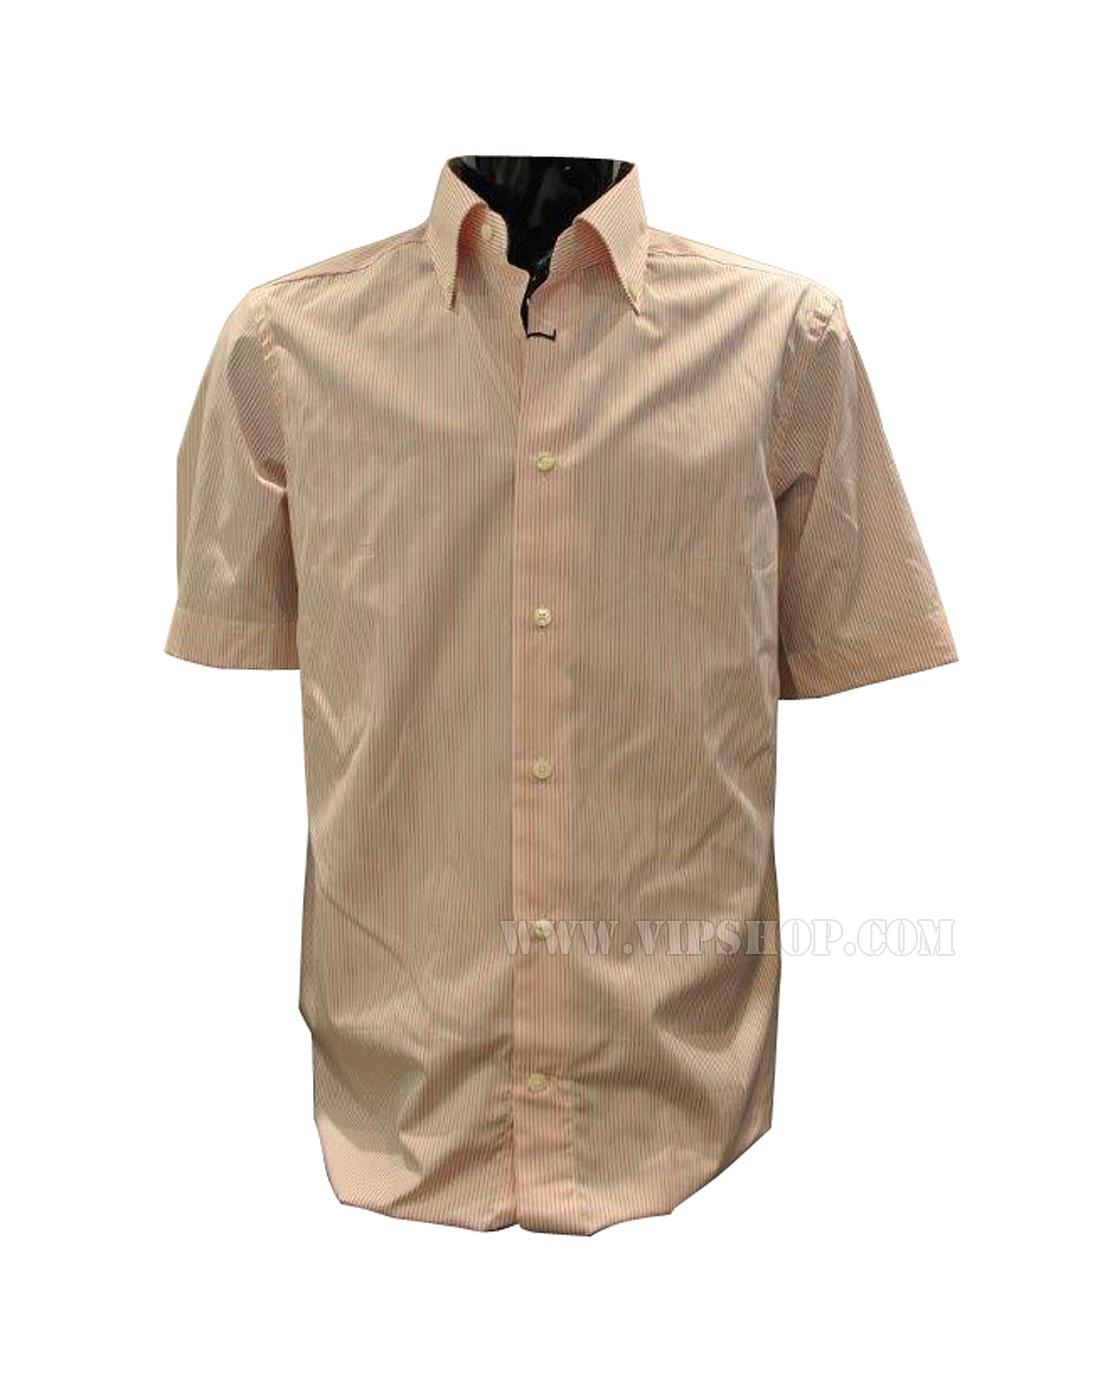 男士短袖衬衫白/橘红色8ms0l9